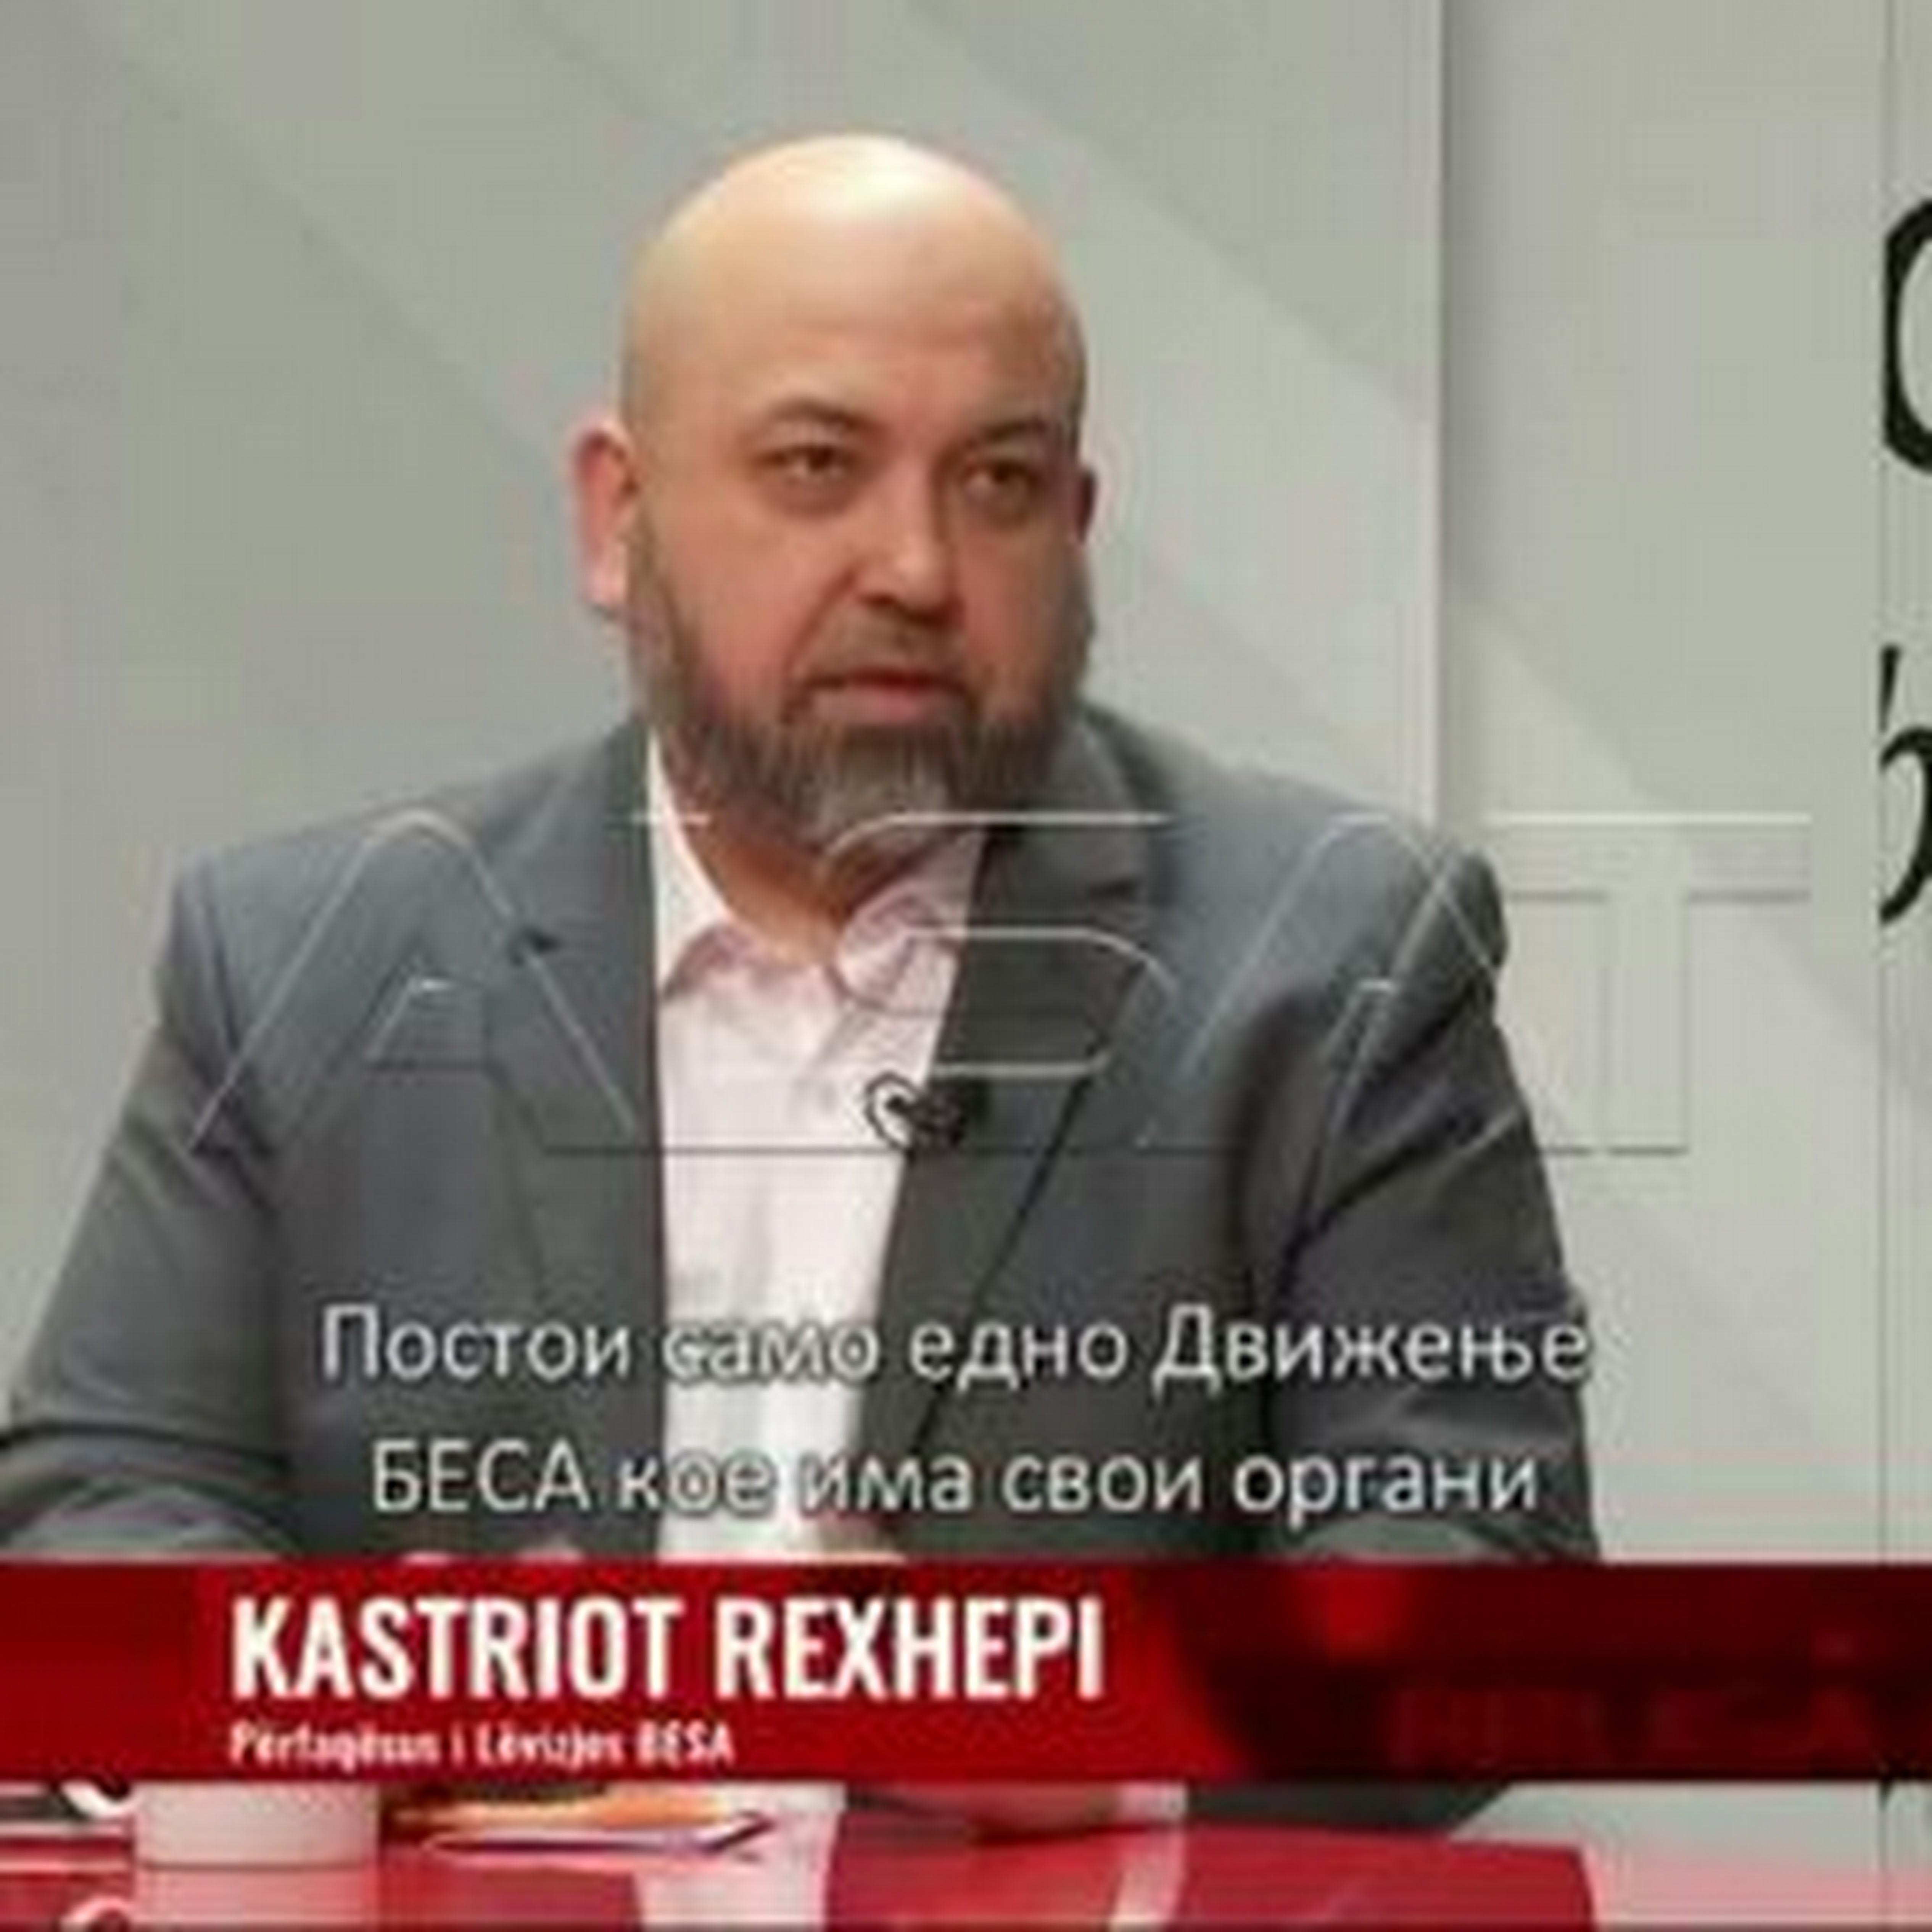 Kastriot